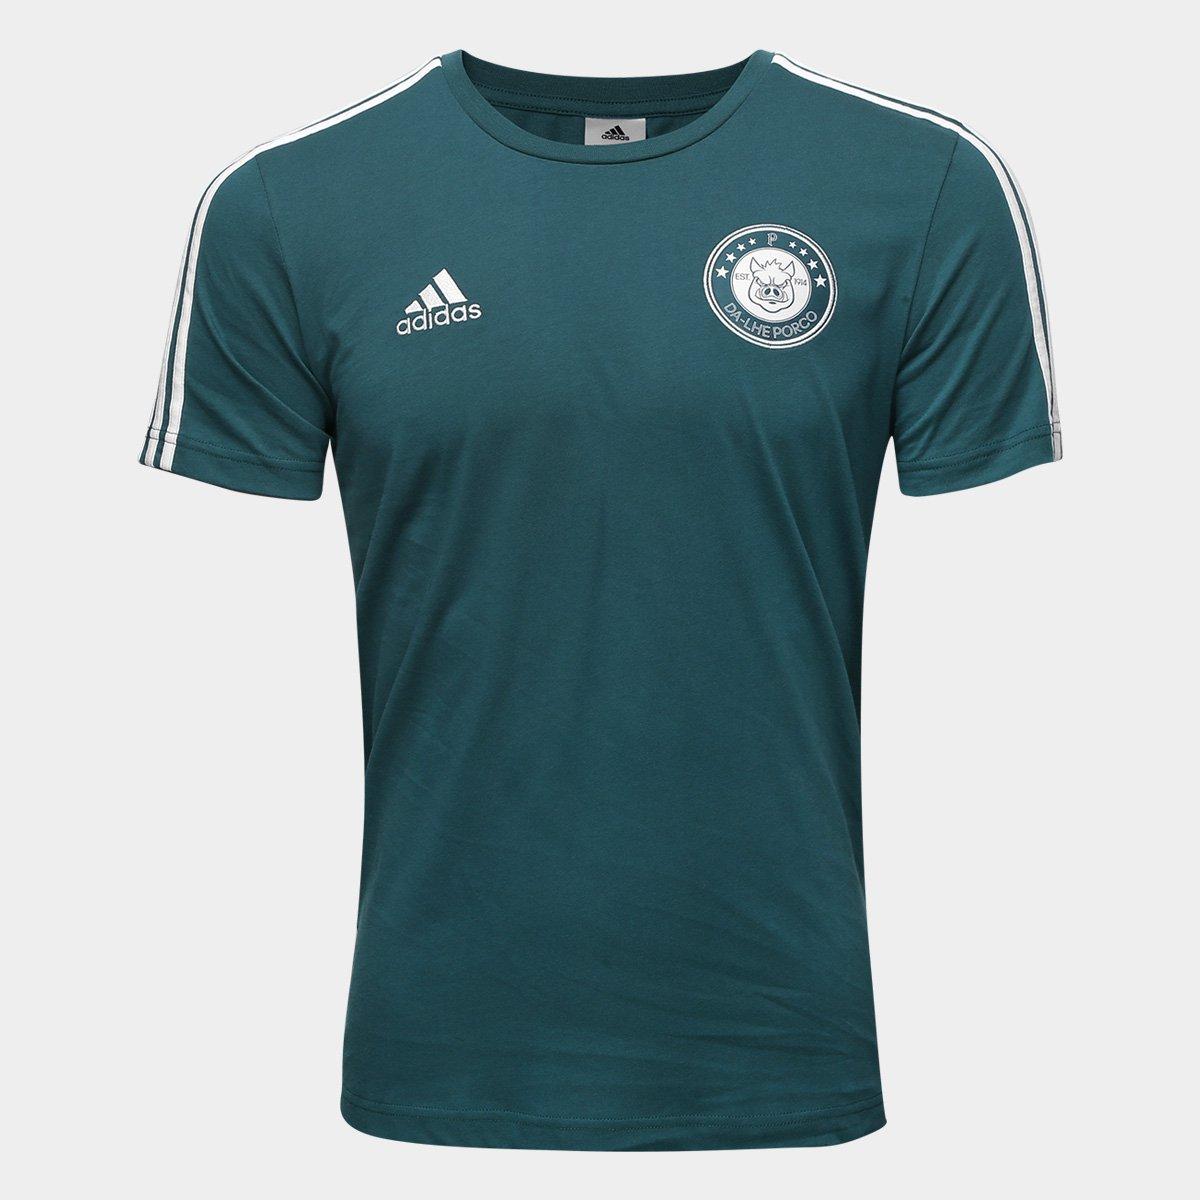 Camiseta Palmeiras Adidas 3S Masculina - Compre Agora  efc9ff4f0c7ac